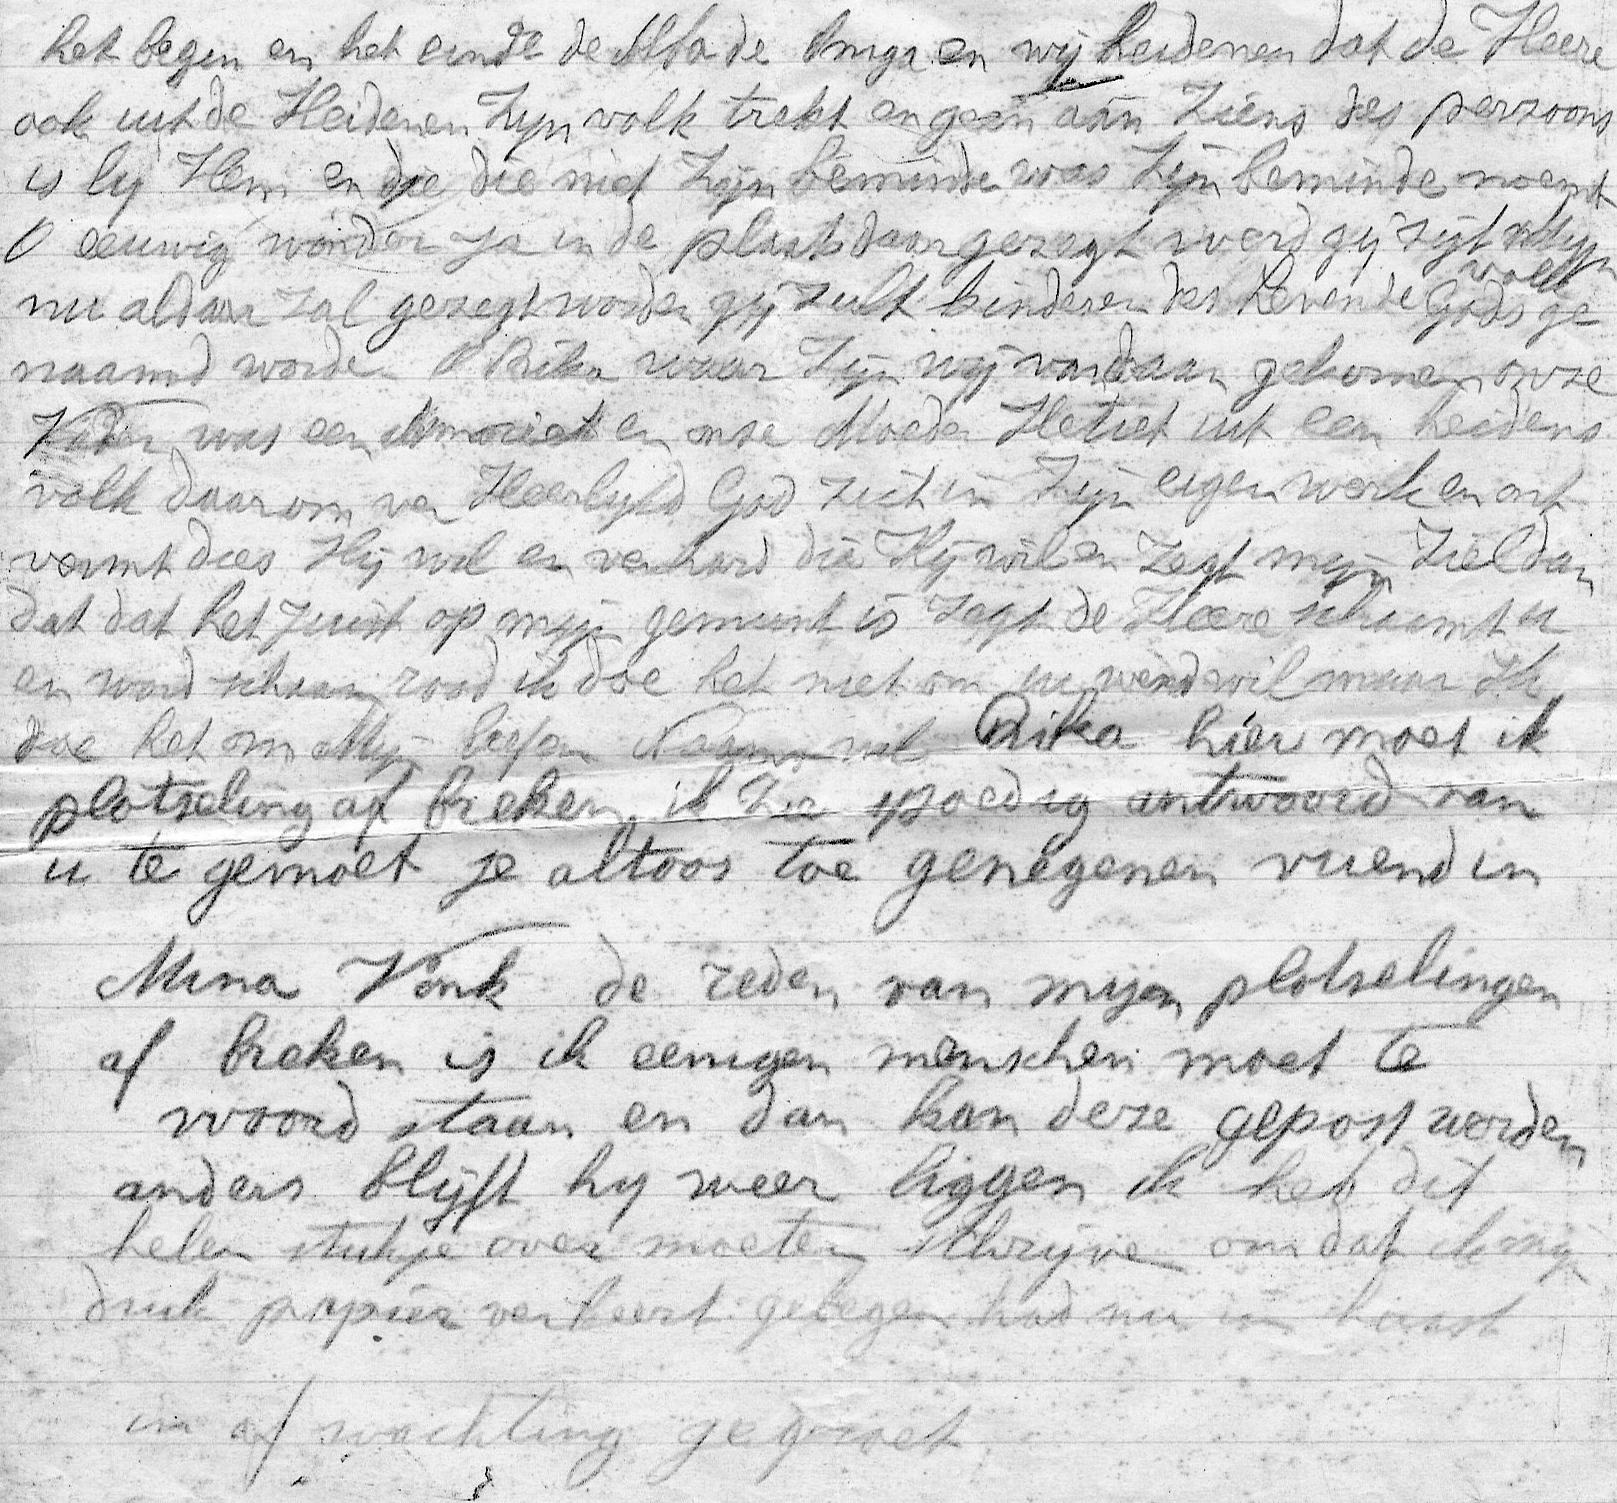 In haast geschreven laatste gedeelte brief van Vrouw Vonk aan vriendin Rika d.d. 29-9-1929